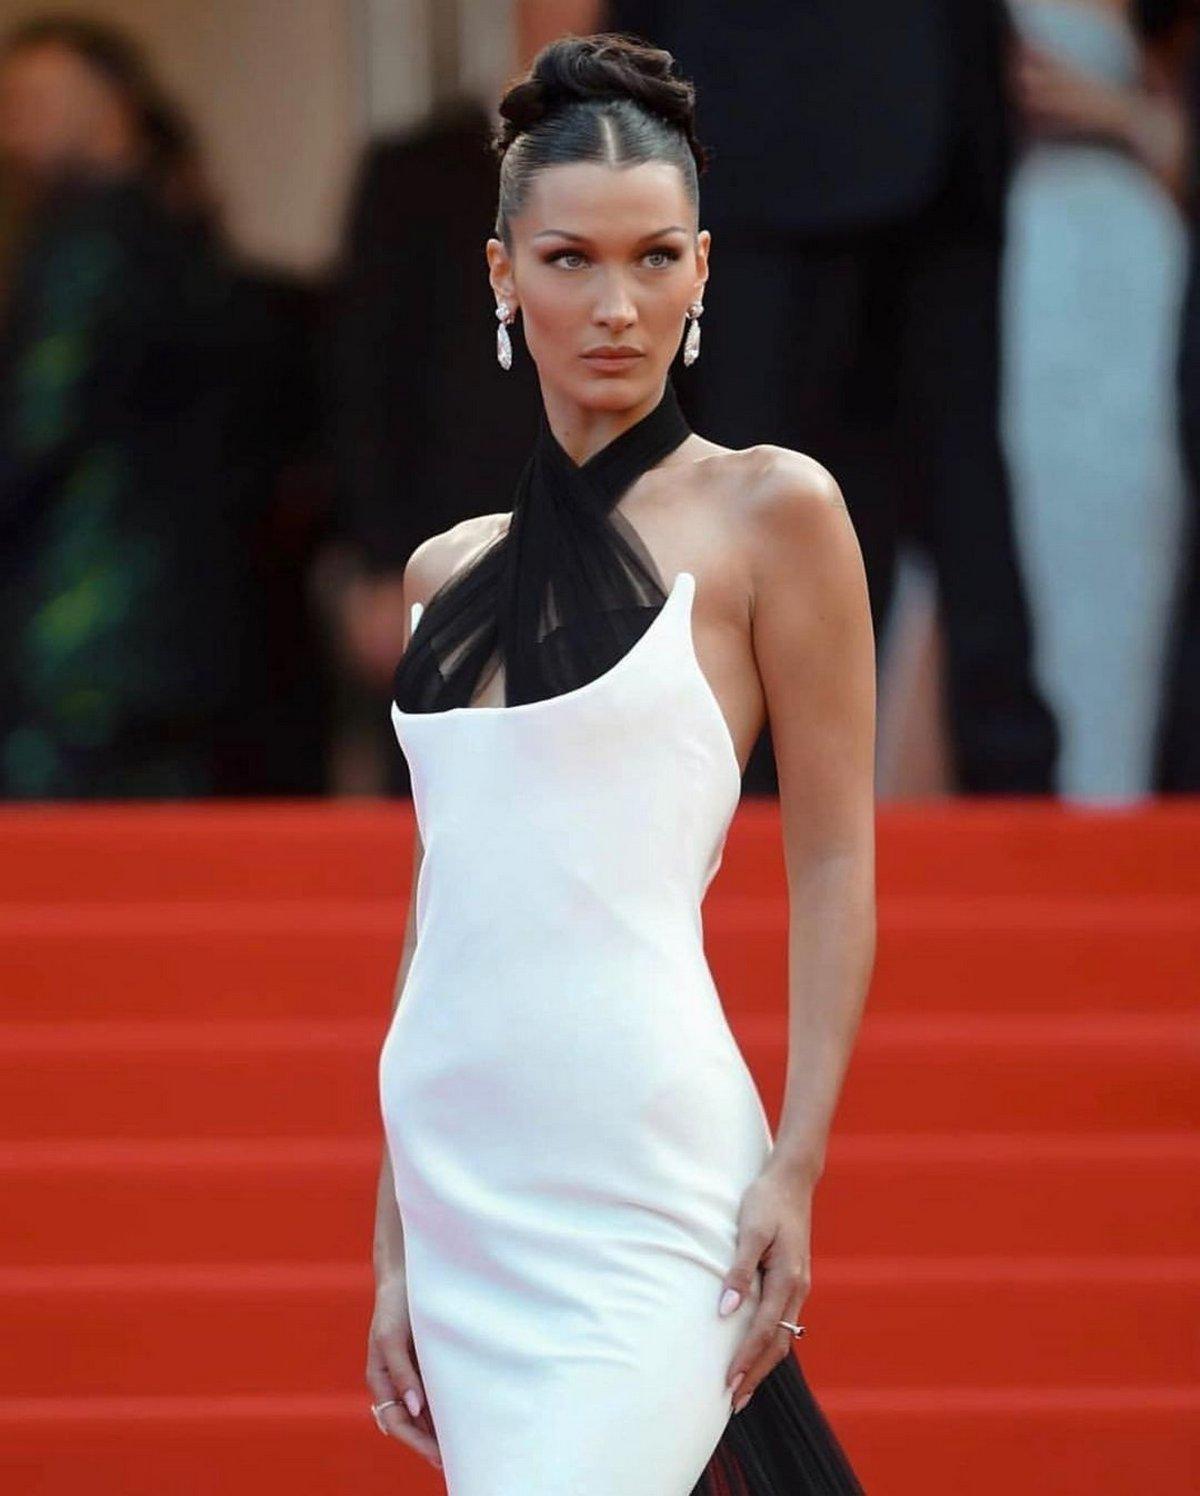 Ce top model est la plus belle femme du monde, selon la science